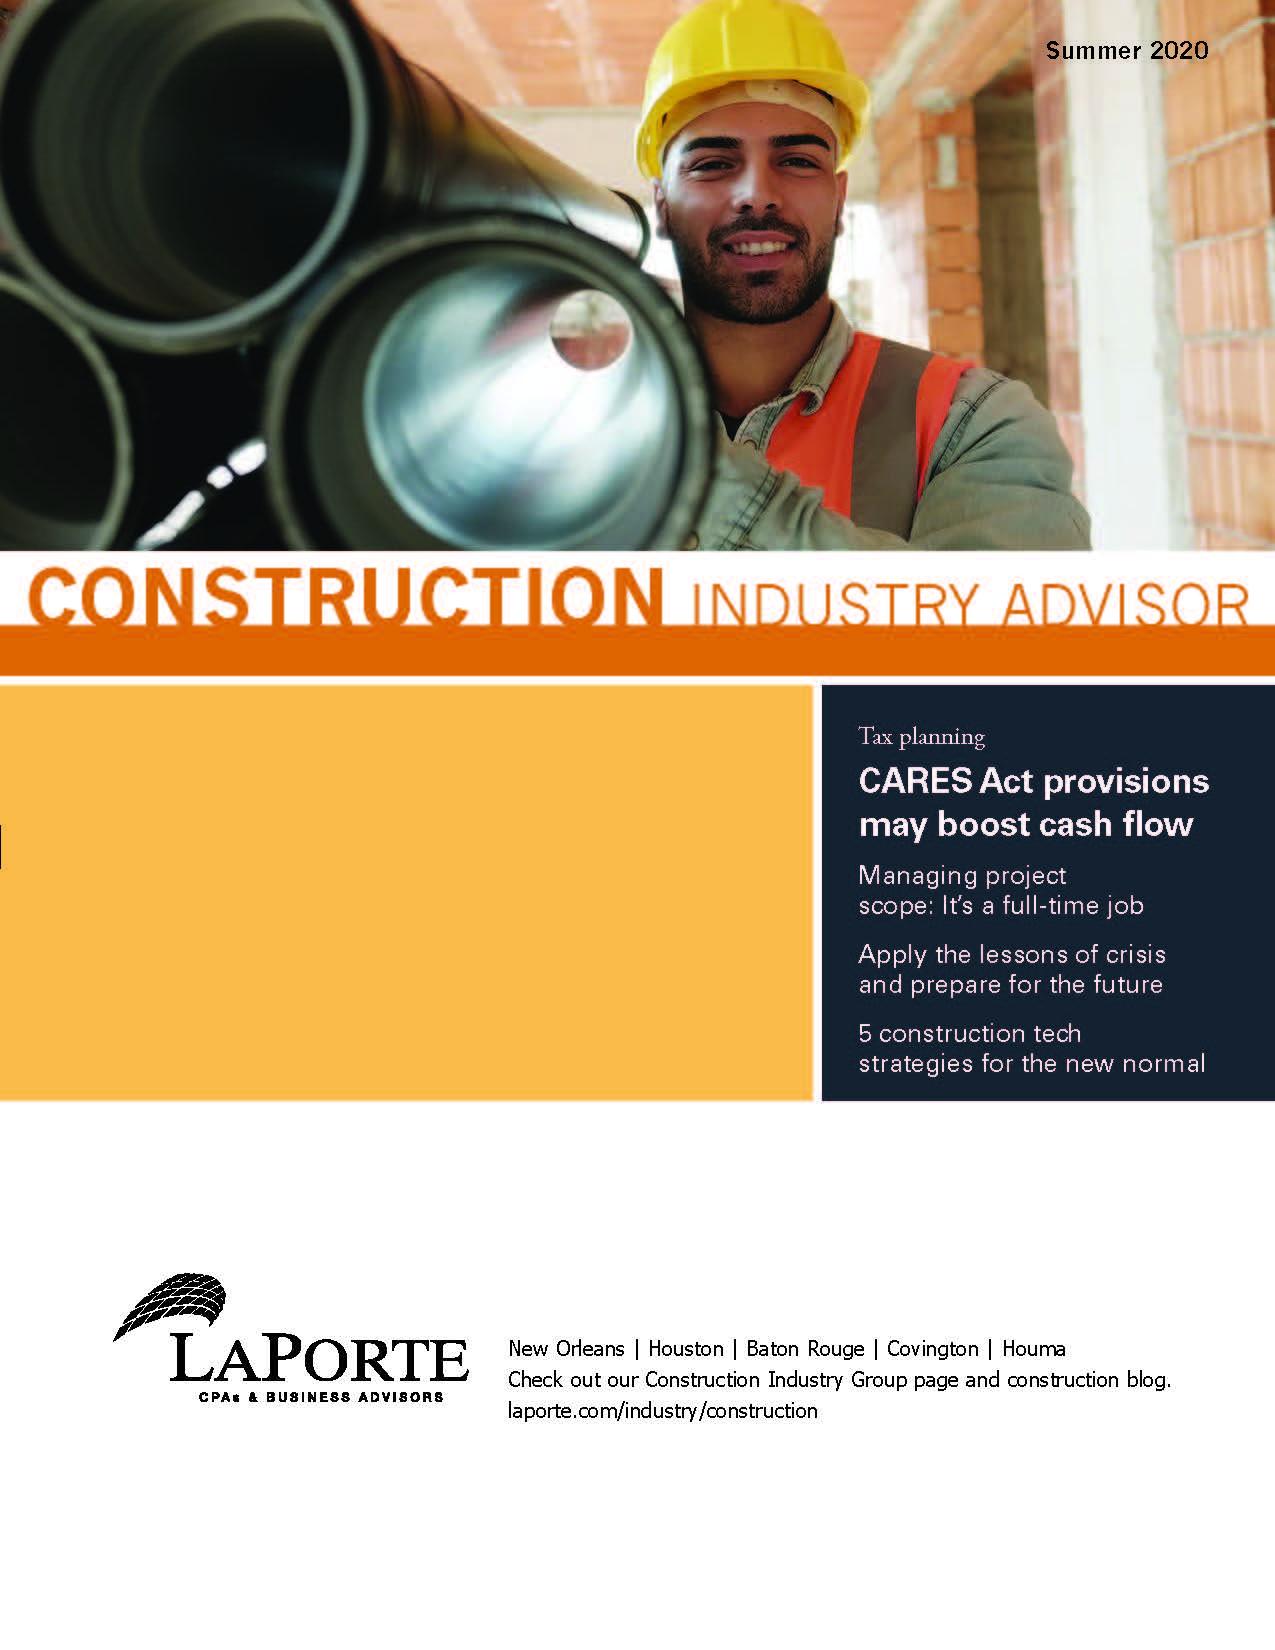 Construction Industry Advisor Summer 2020